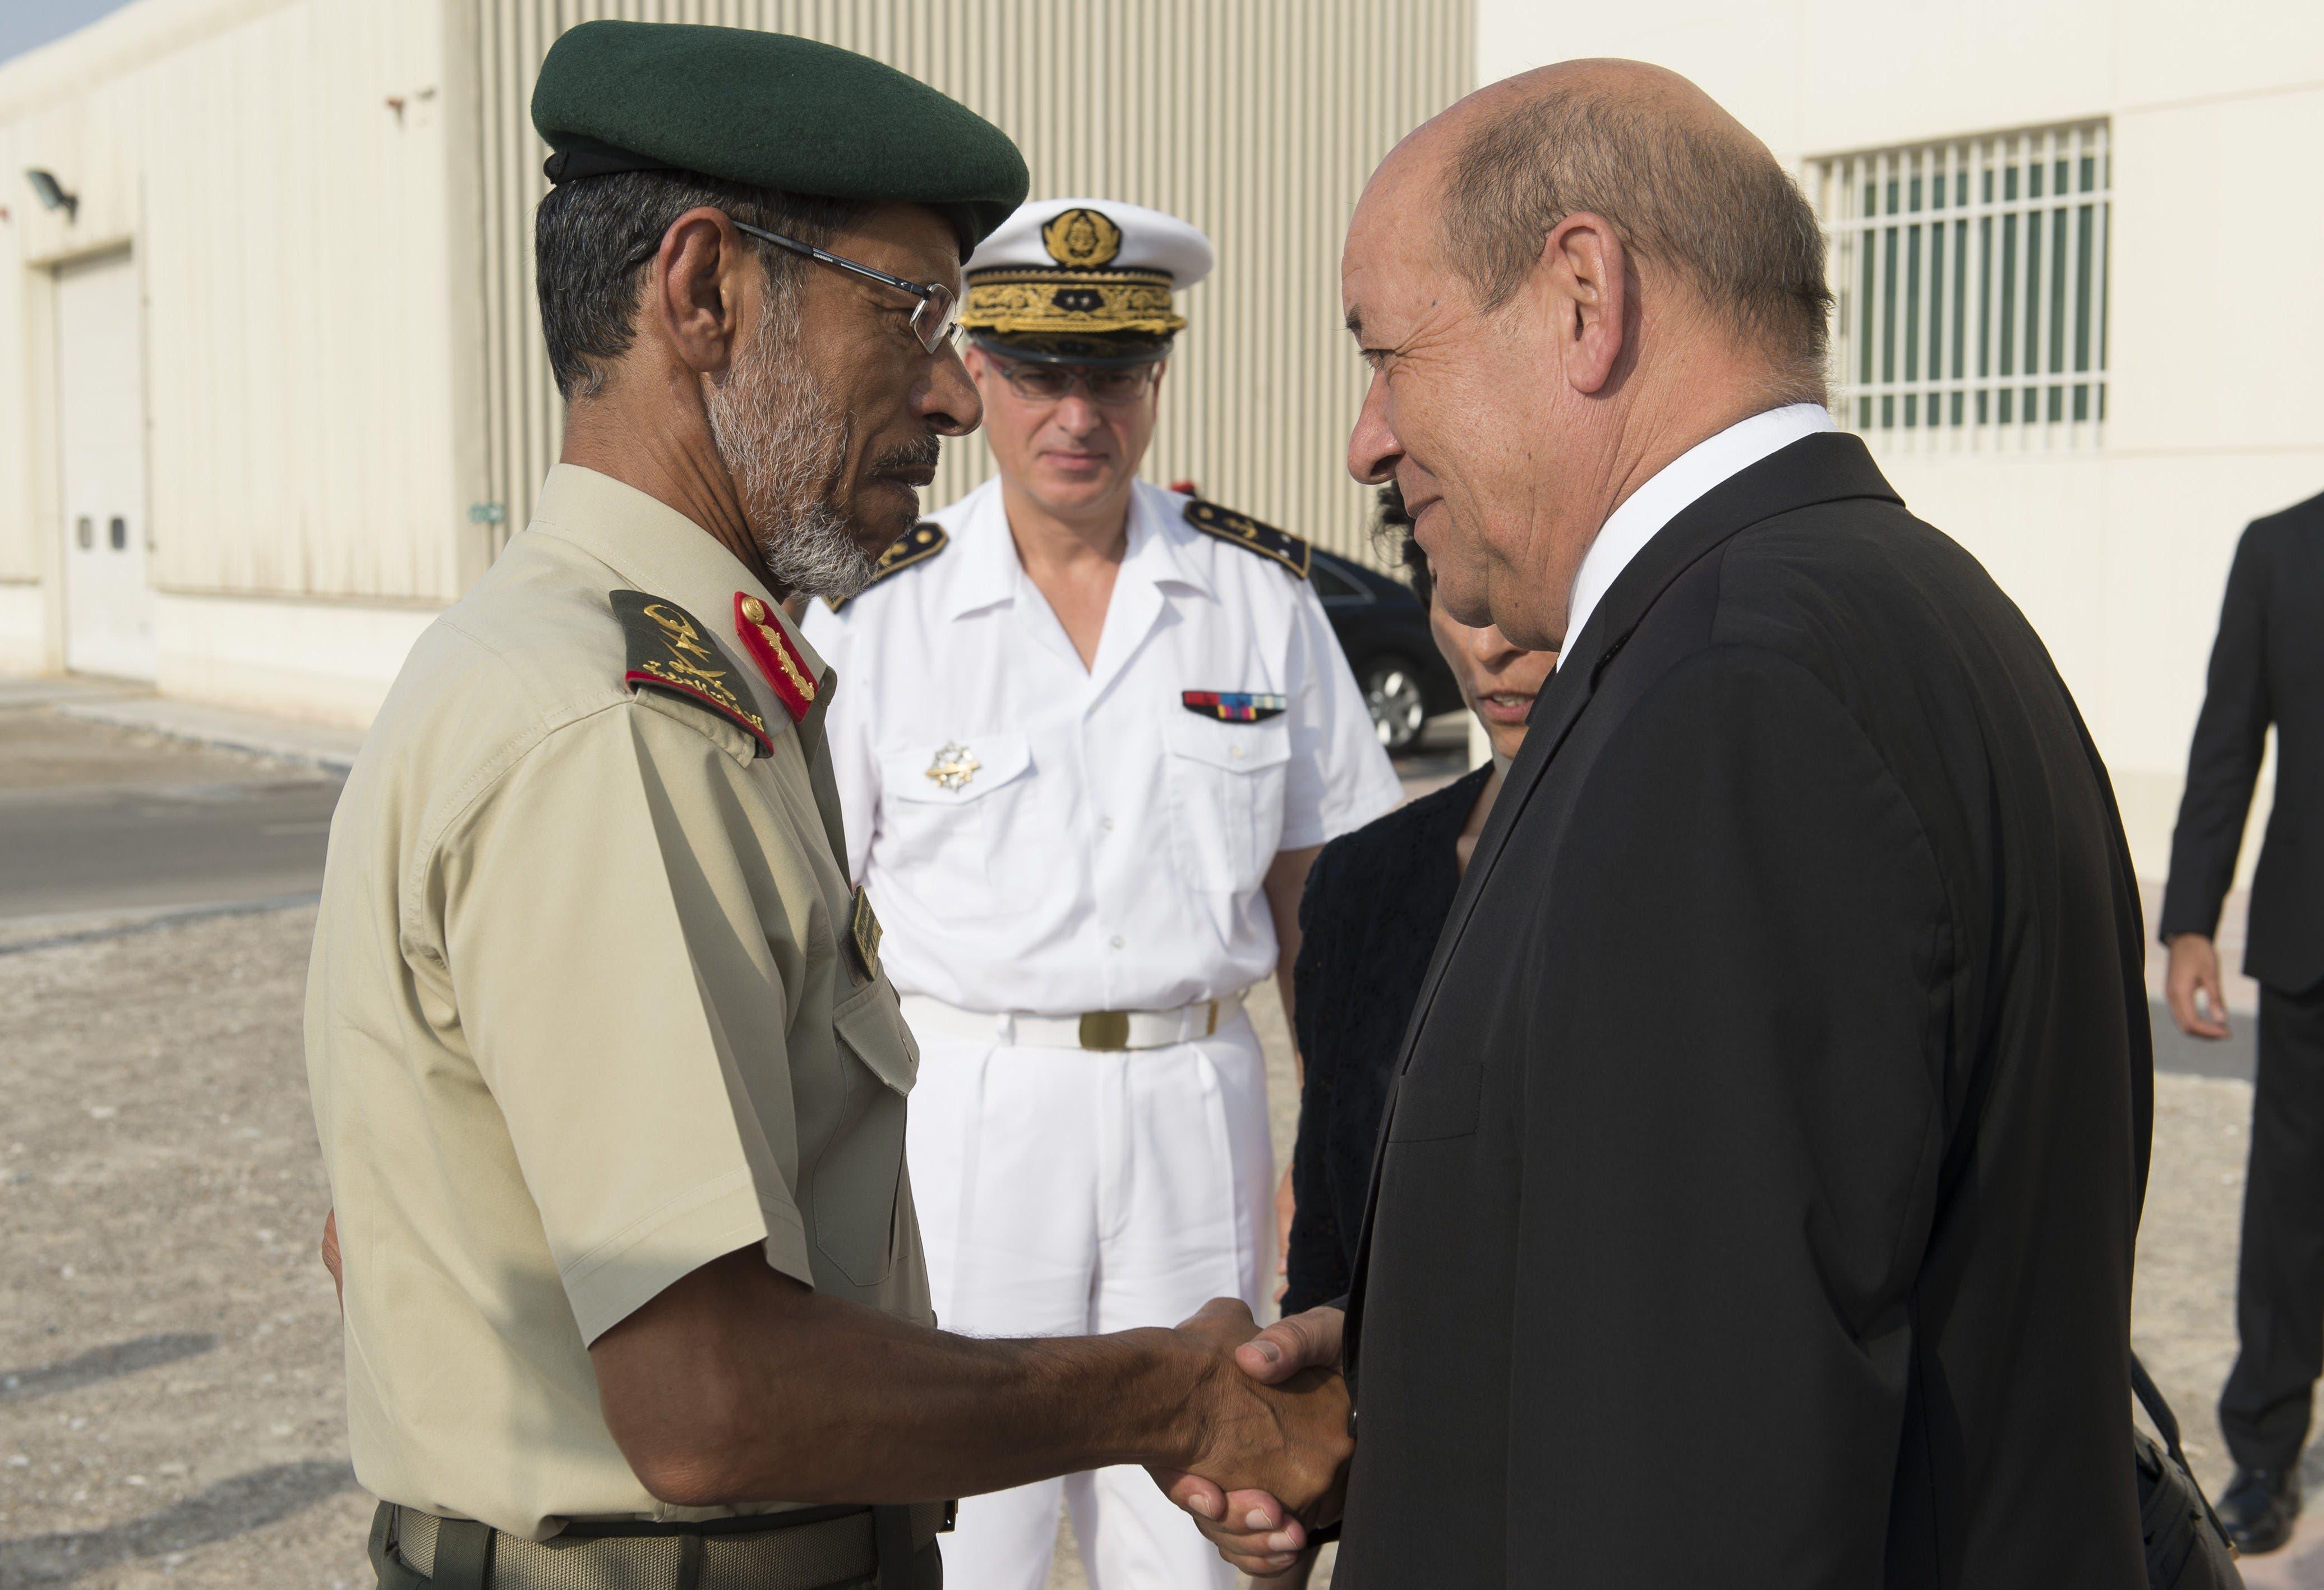 Franch defense minister AFP UAE